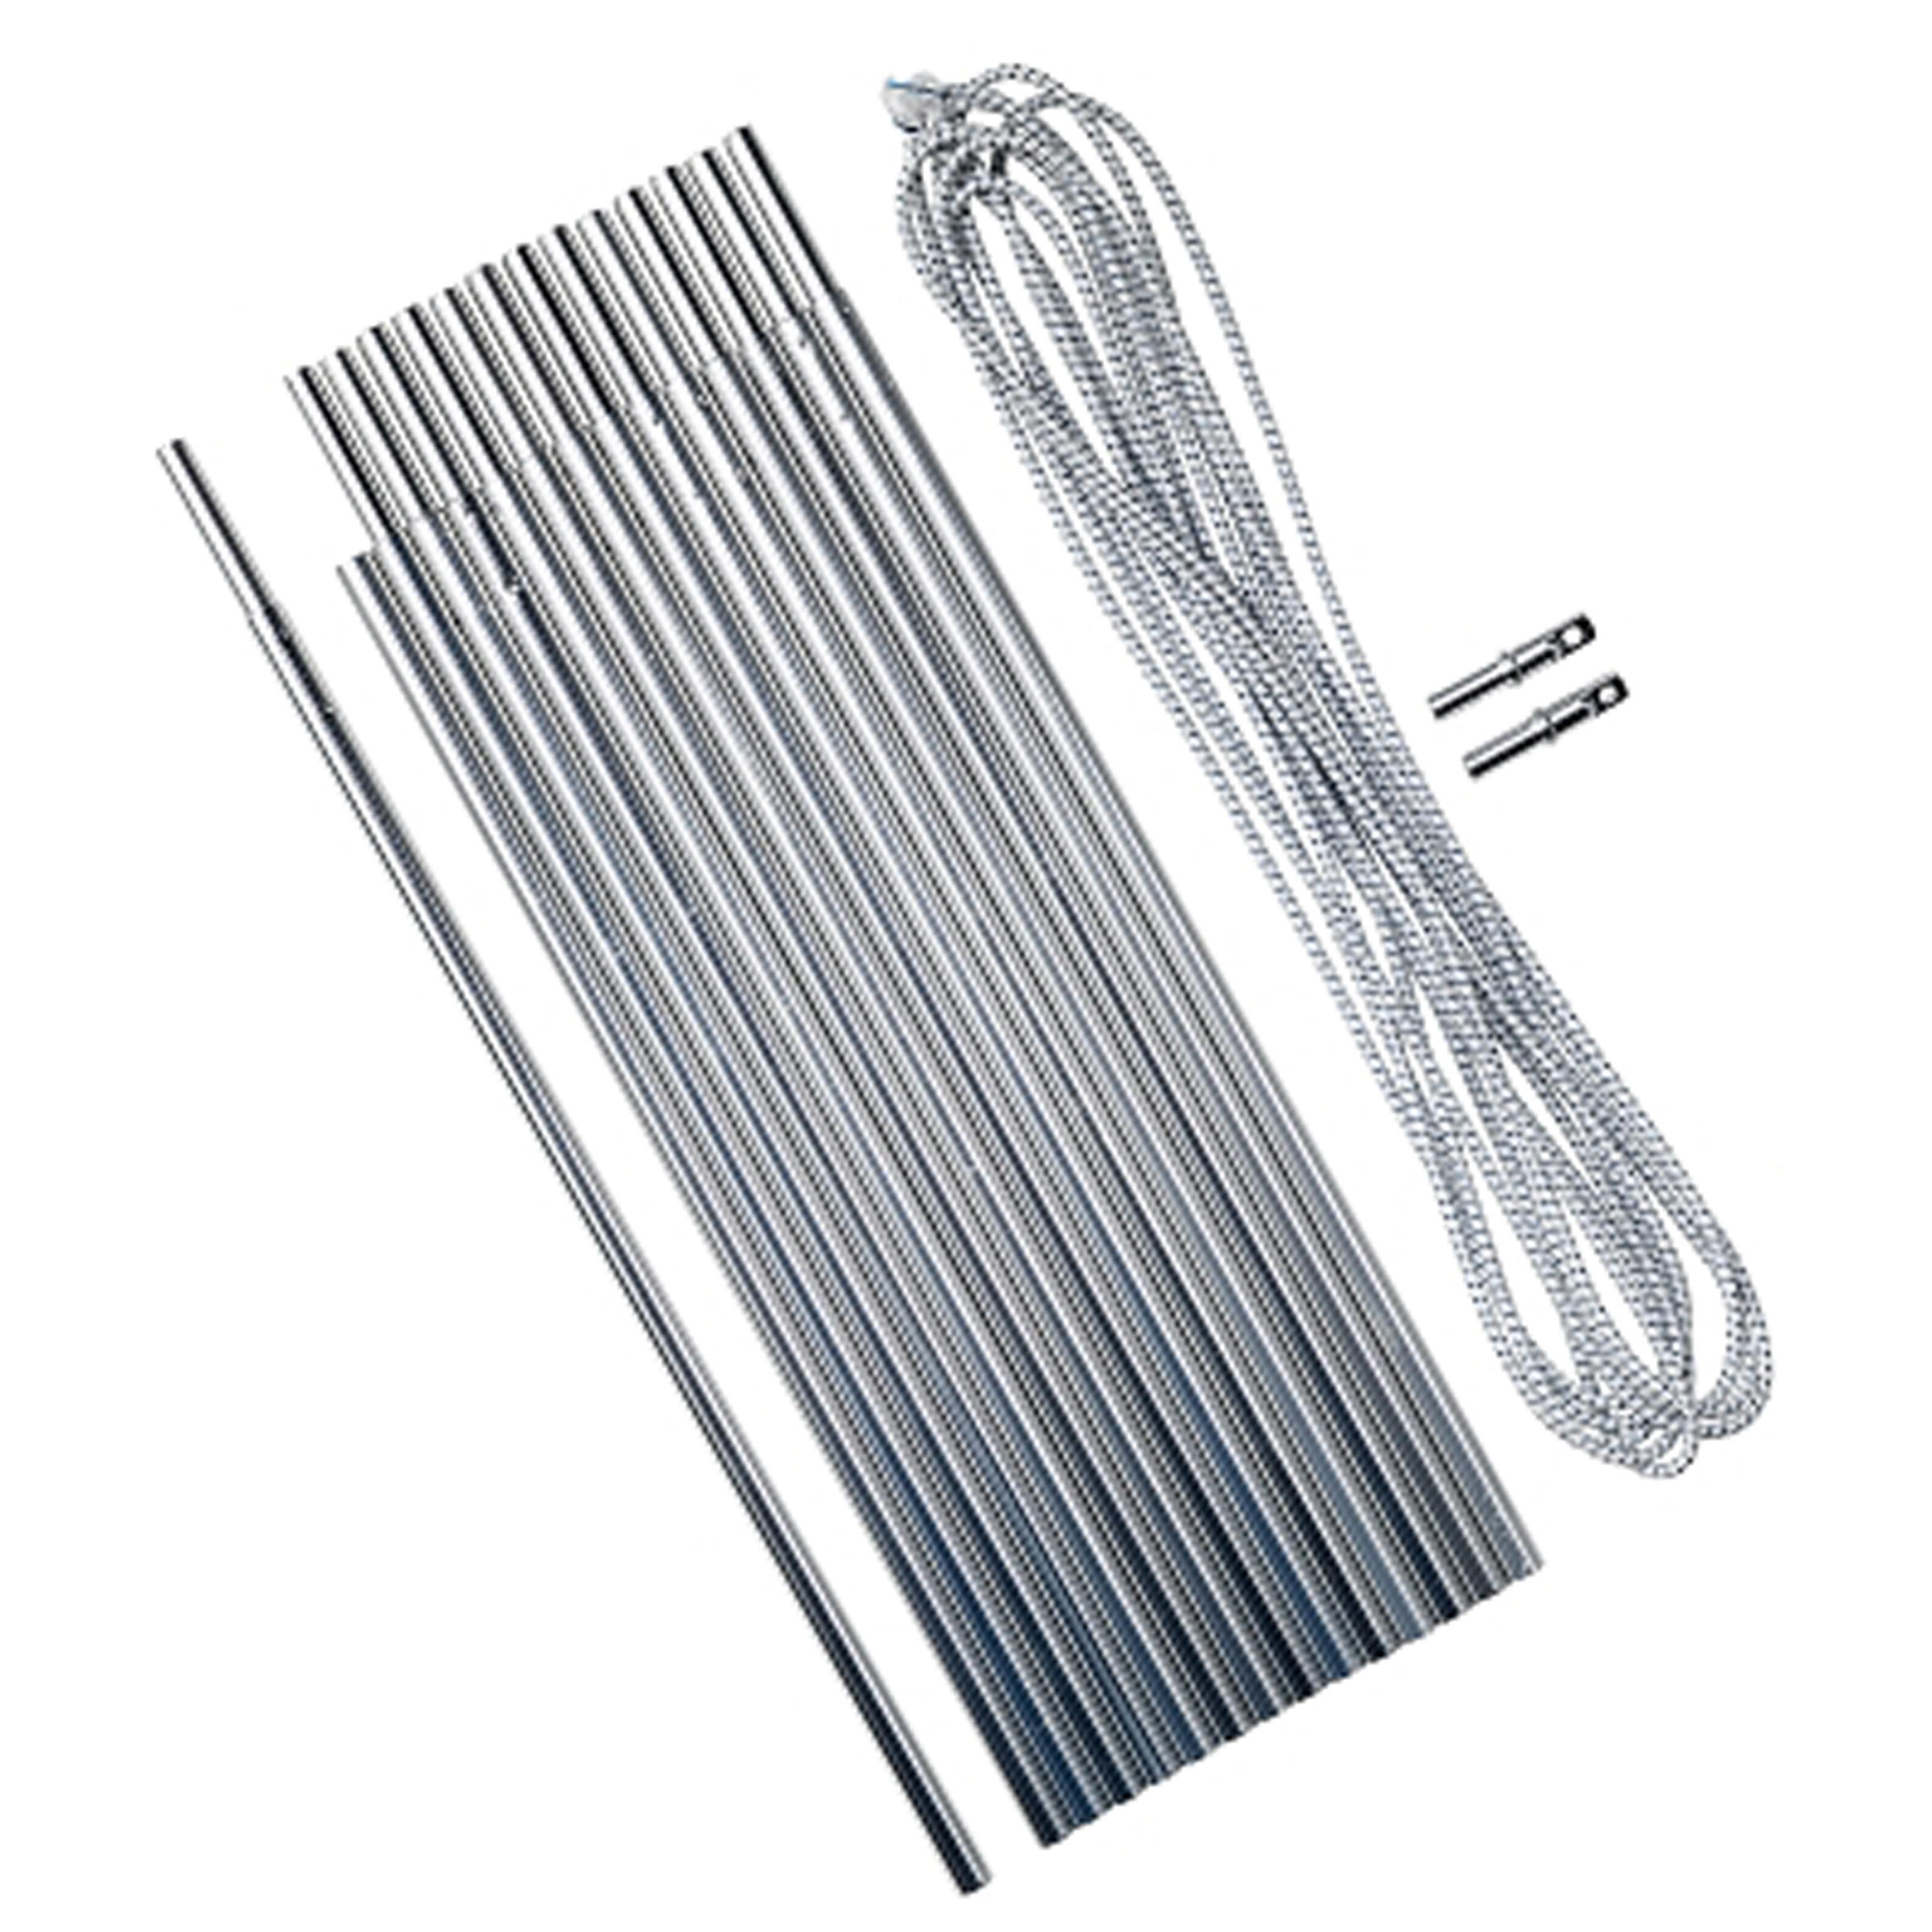 Aluminum pole kit (Ø 8.5 mm_SEMI_COLON_ 4.5 m long in total)